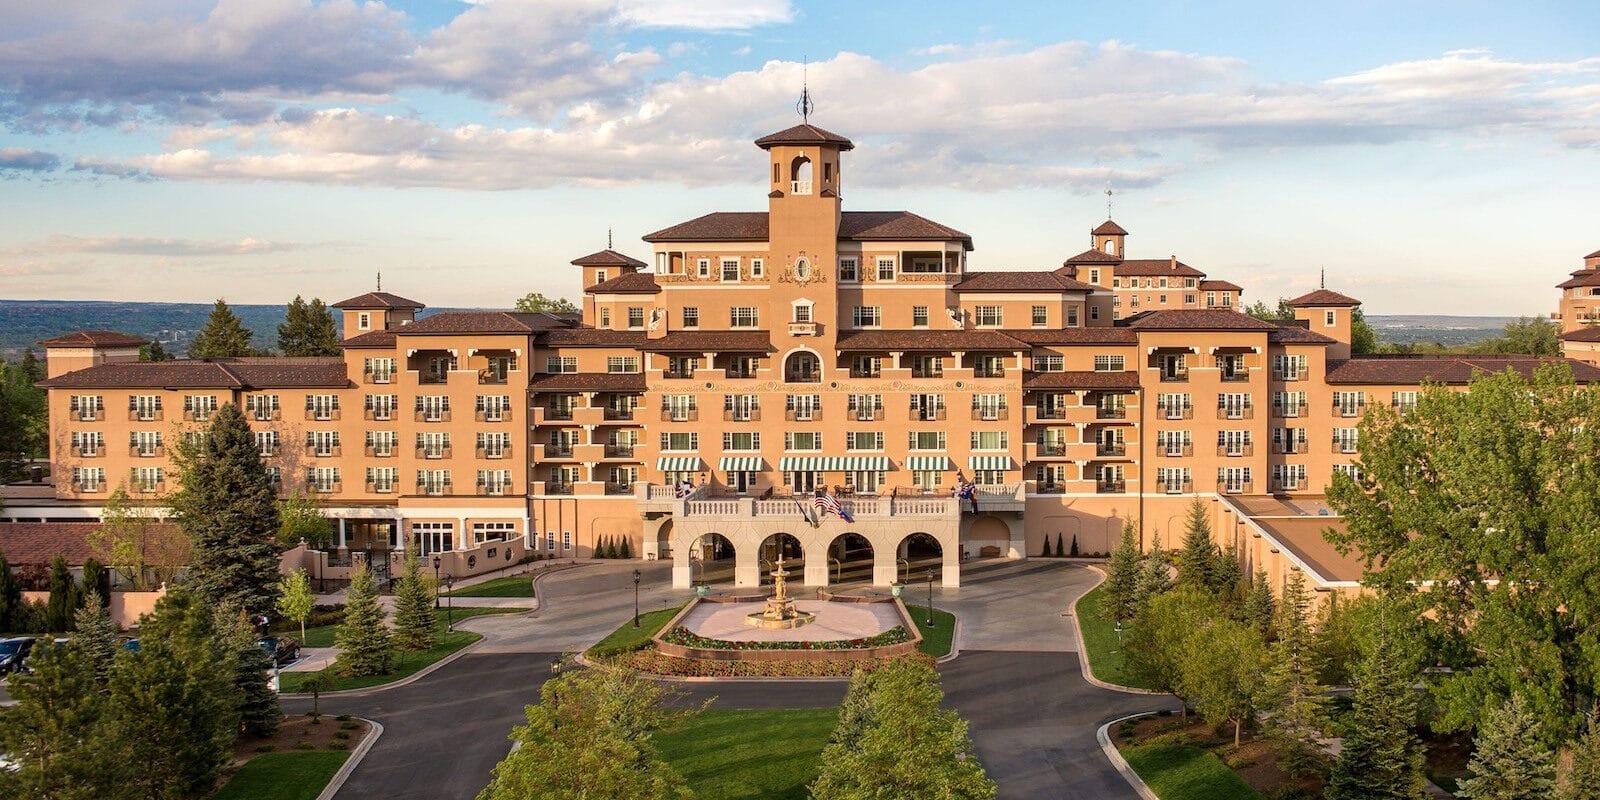 Image of The Broadmoor in Colorado Springs, Colorado